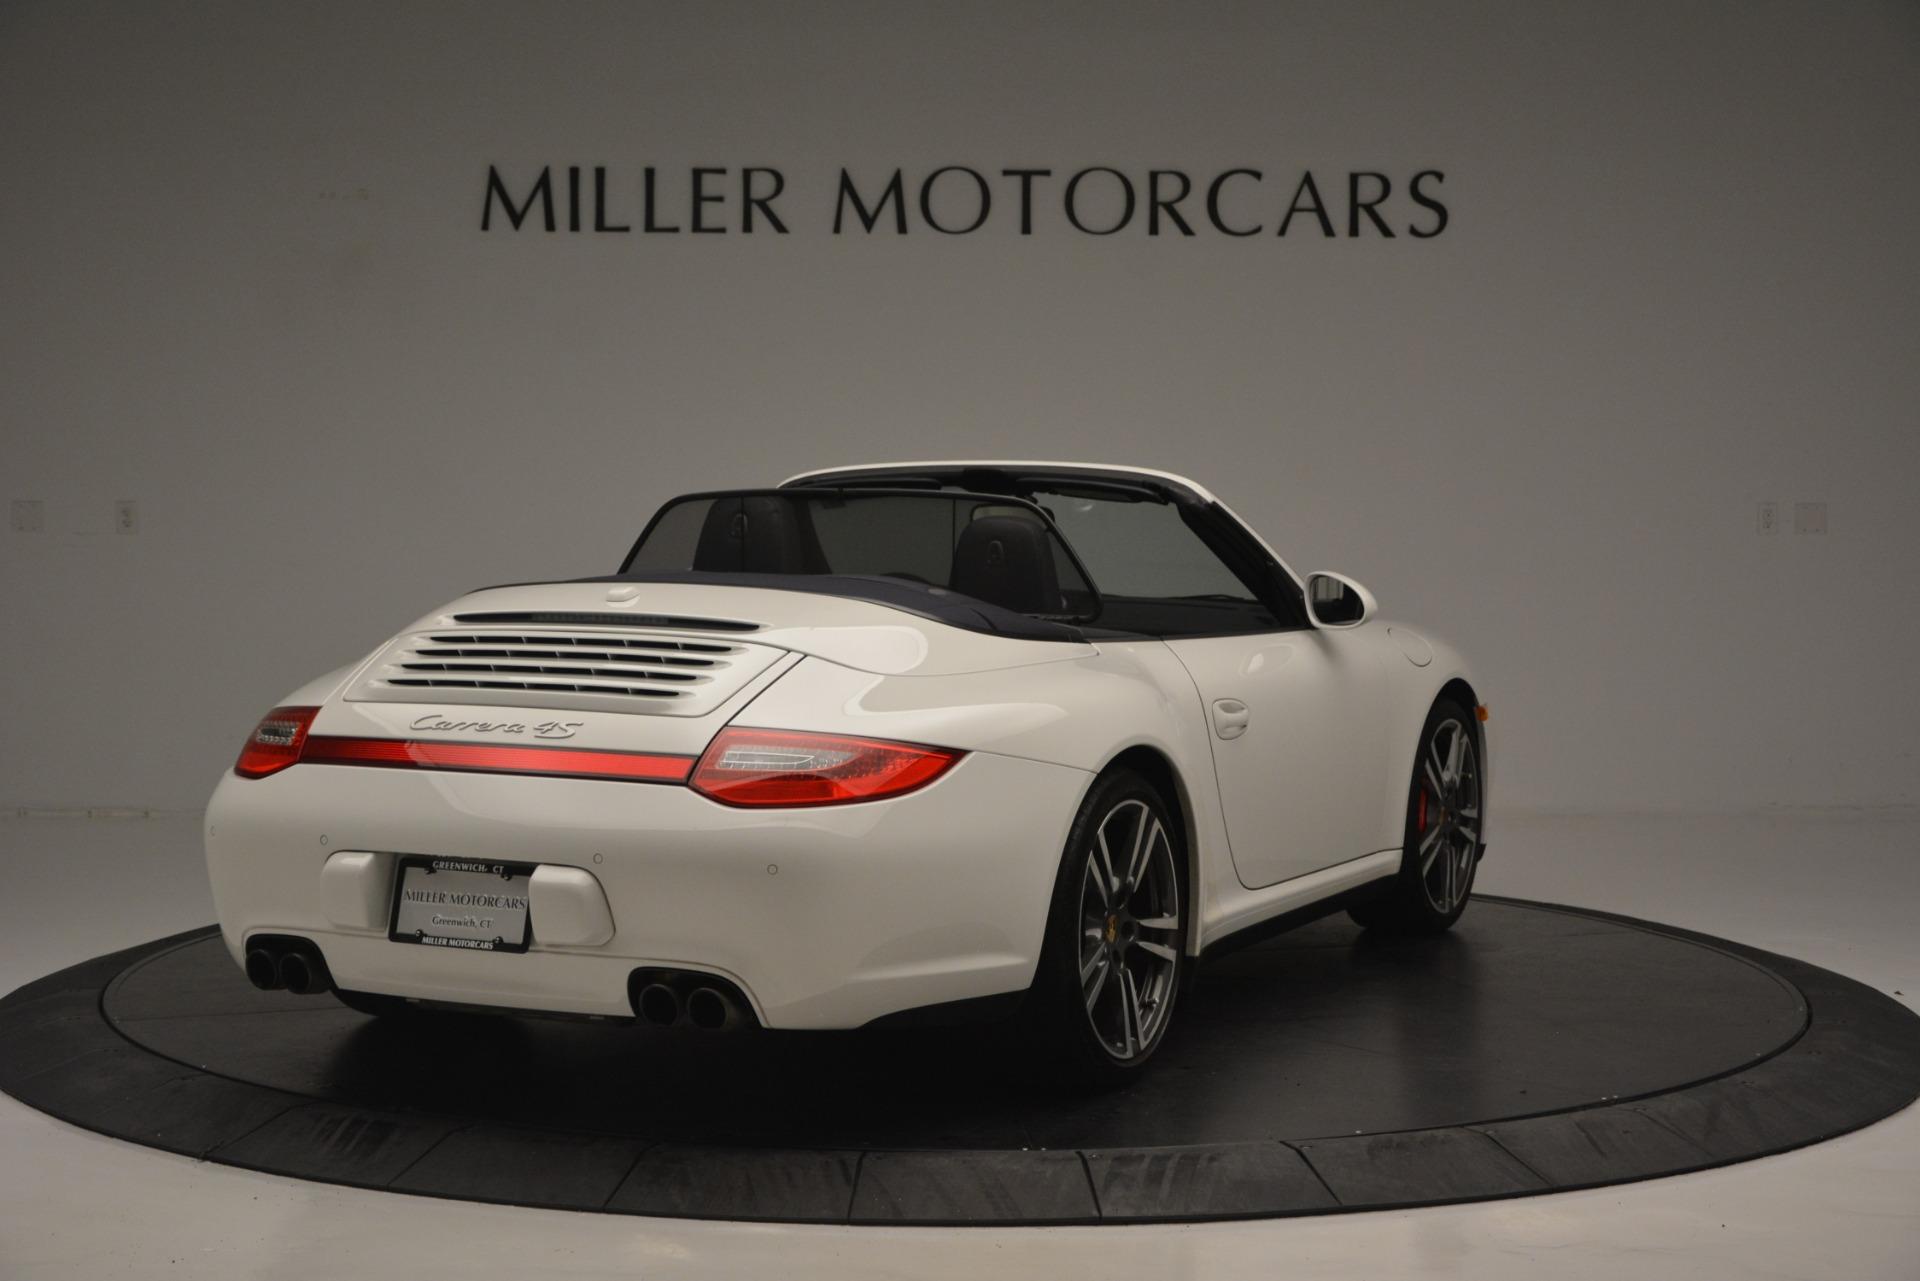 Used 2011 Porsche 911 Carrera 4S For Sale In Greenwich, CT 2600_p8